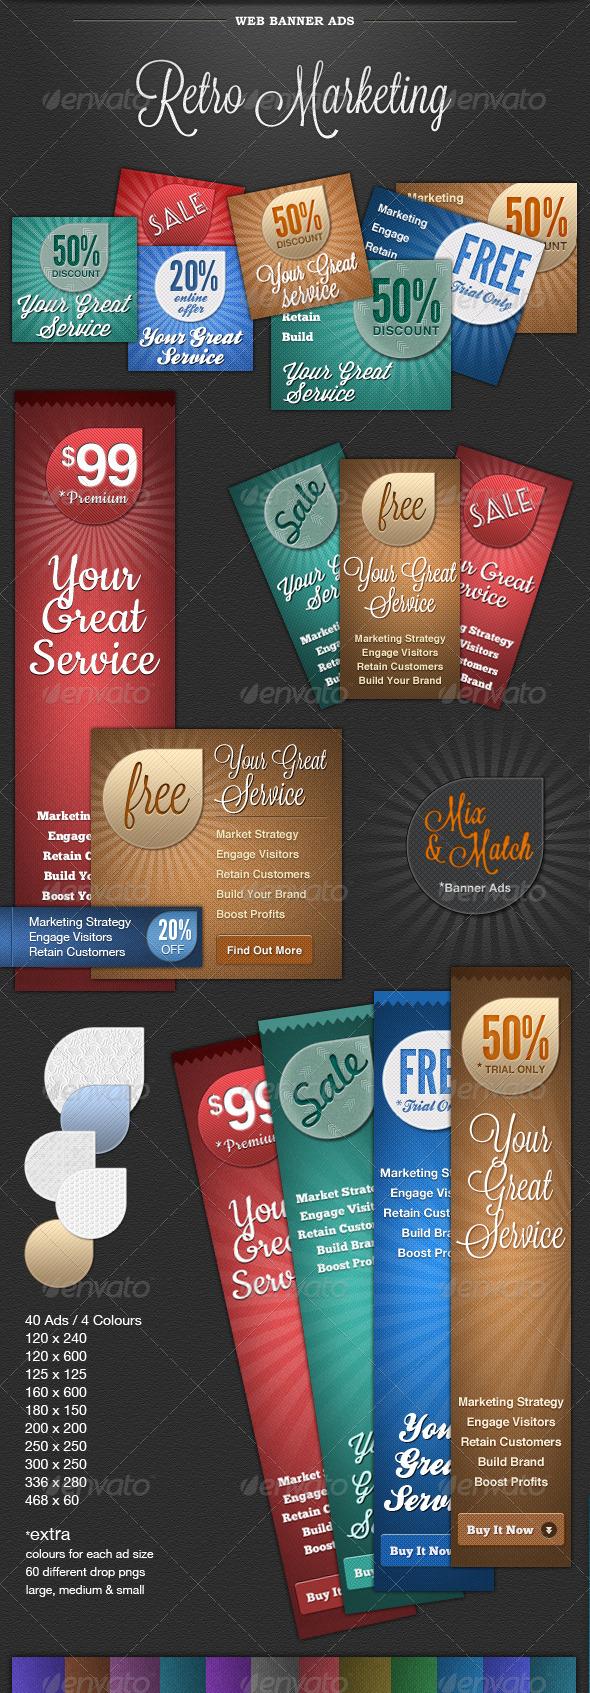 GraphicRiver Web Banner Ads Retro Marketing 1780896